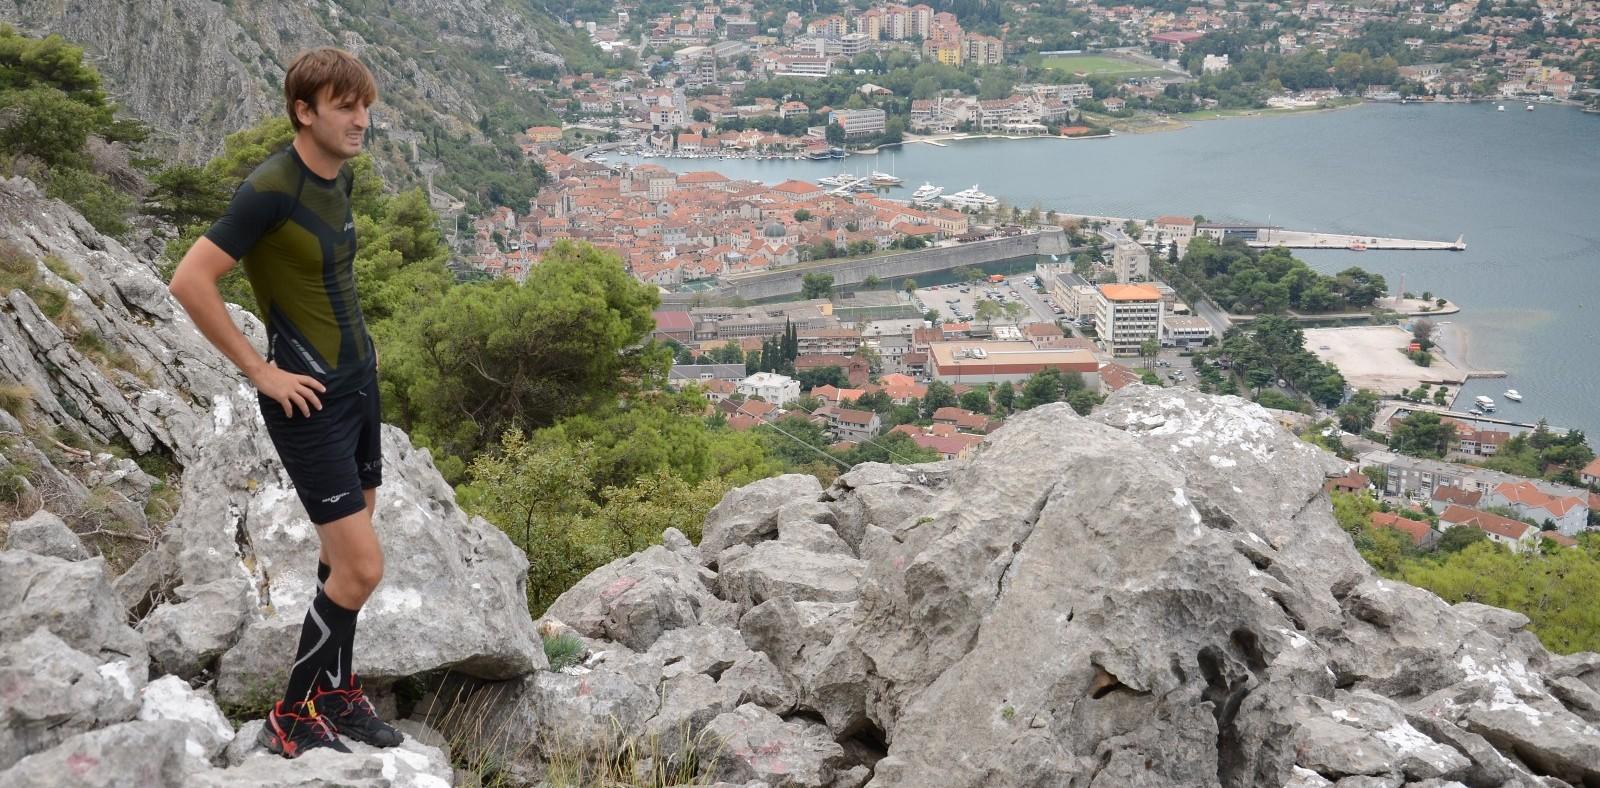 pestingrad crna gora planinarenje